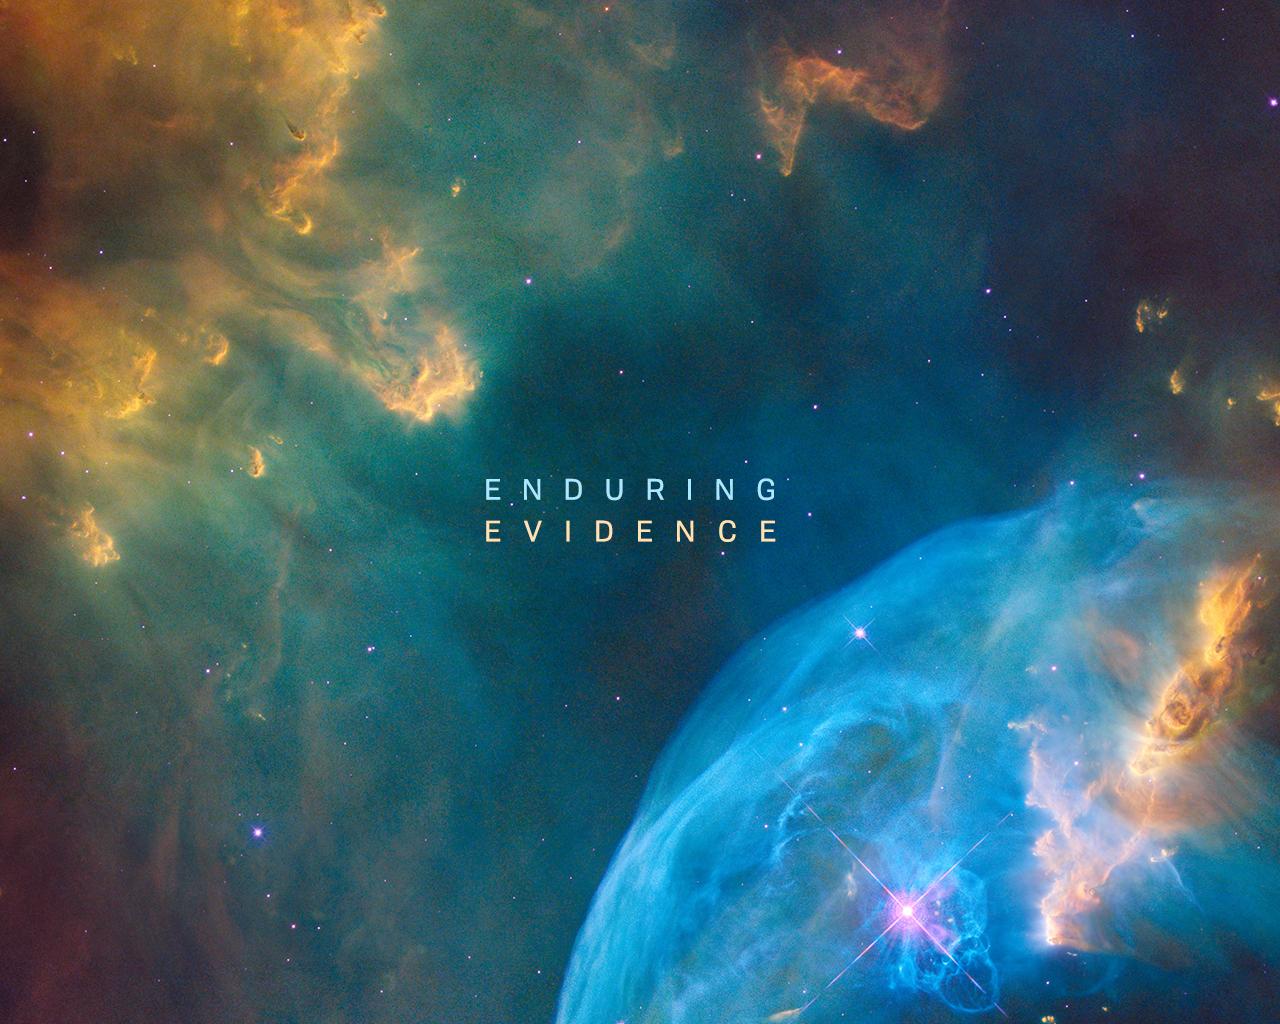 EnduringEvidence.jpg